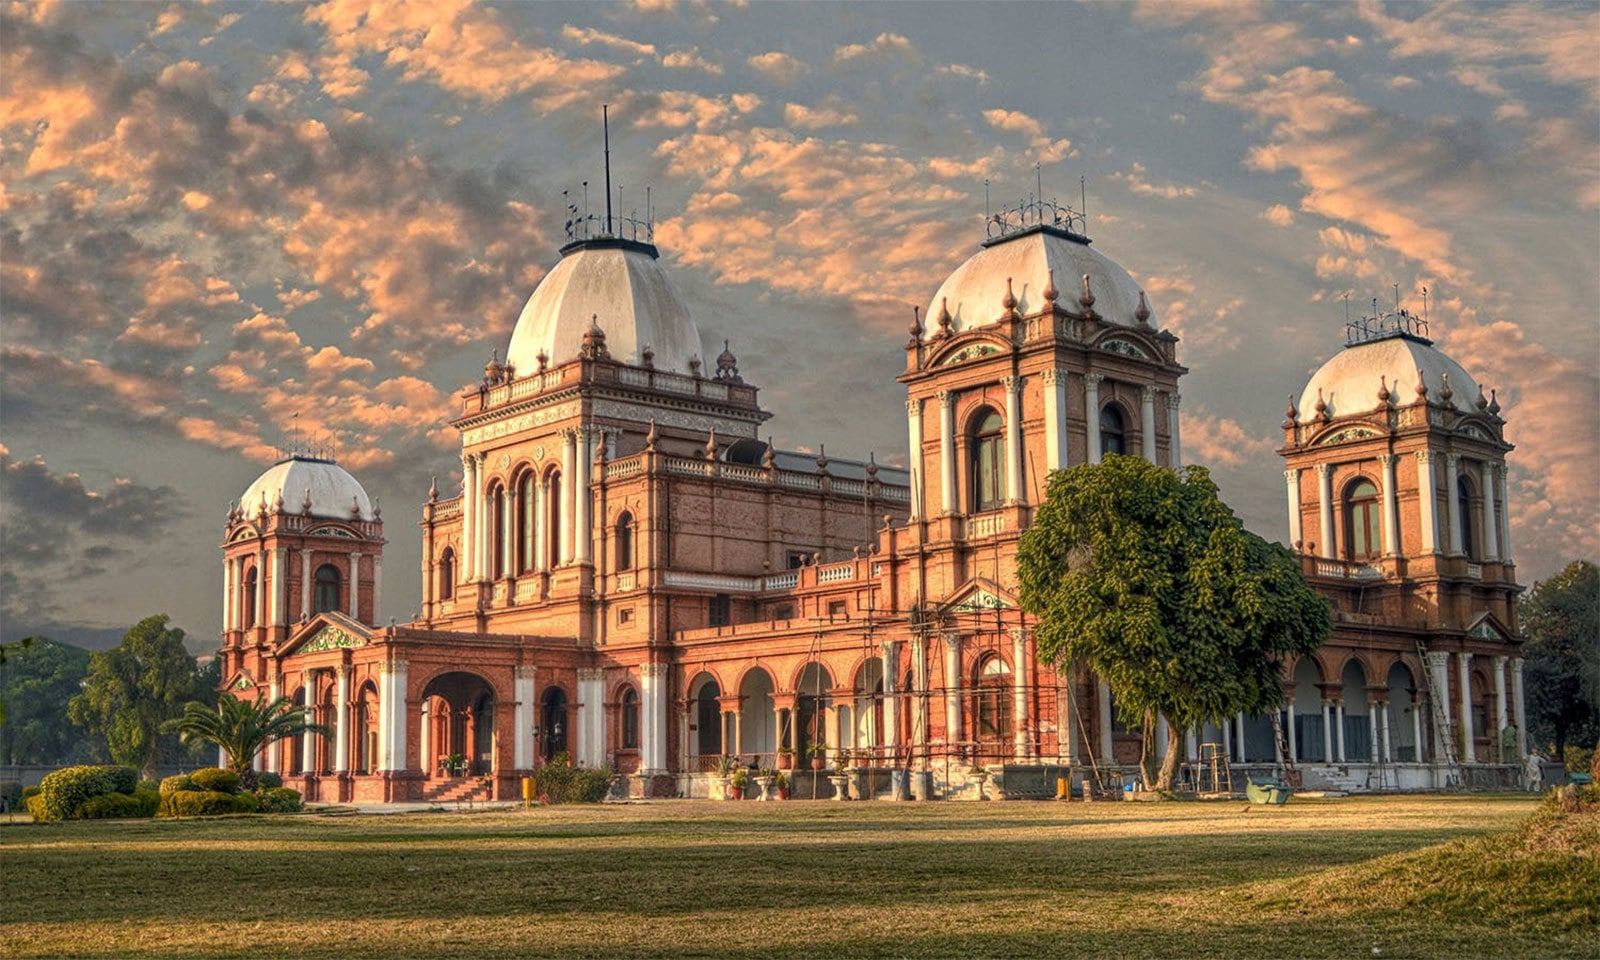 نور محل بہاولپور — فوٹو بشکریہ اسامہ شاہد/وکی لووز مونومنٹس